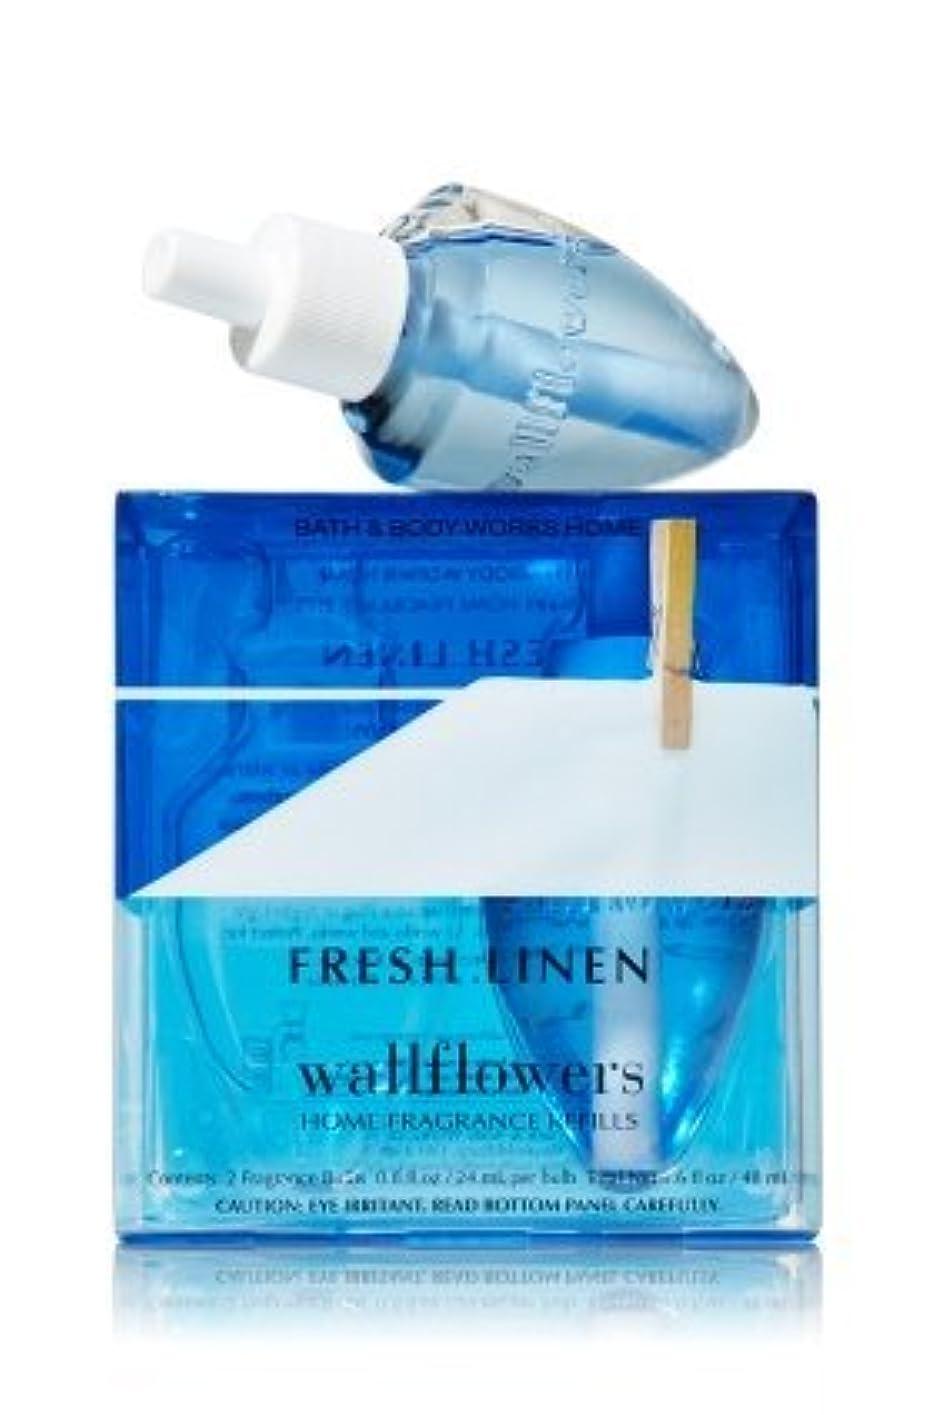 誓約靴ソフトウェア【Bath&Body Works/バス&ボディワークス】 ホームフレグランス 詰替えリフィル(2個入り) フレッシュリネン Wallflowers Home Fragrance 2-Pack Refills Fresh Linen [並行輸入品]